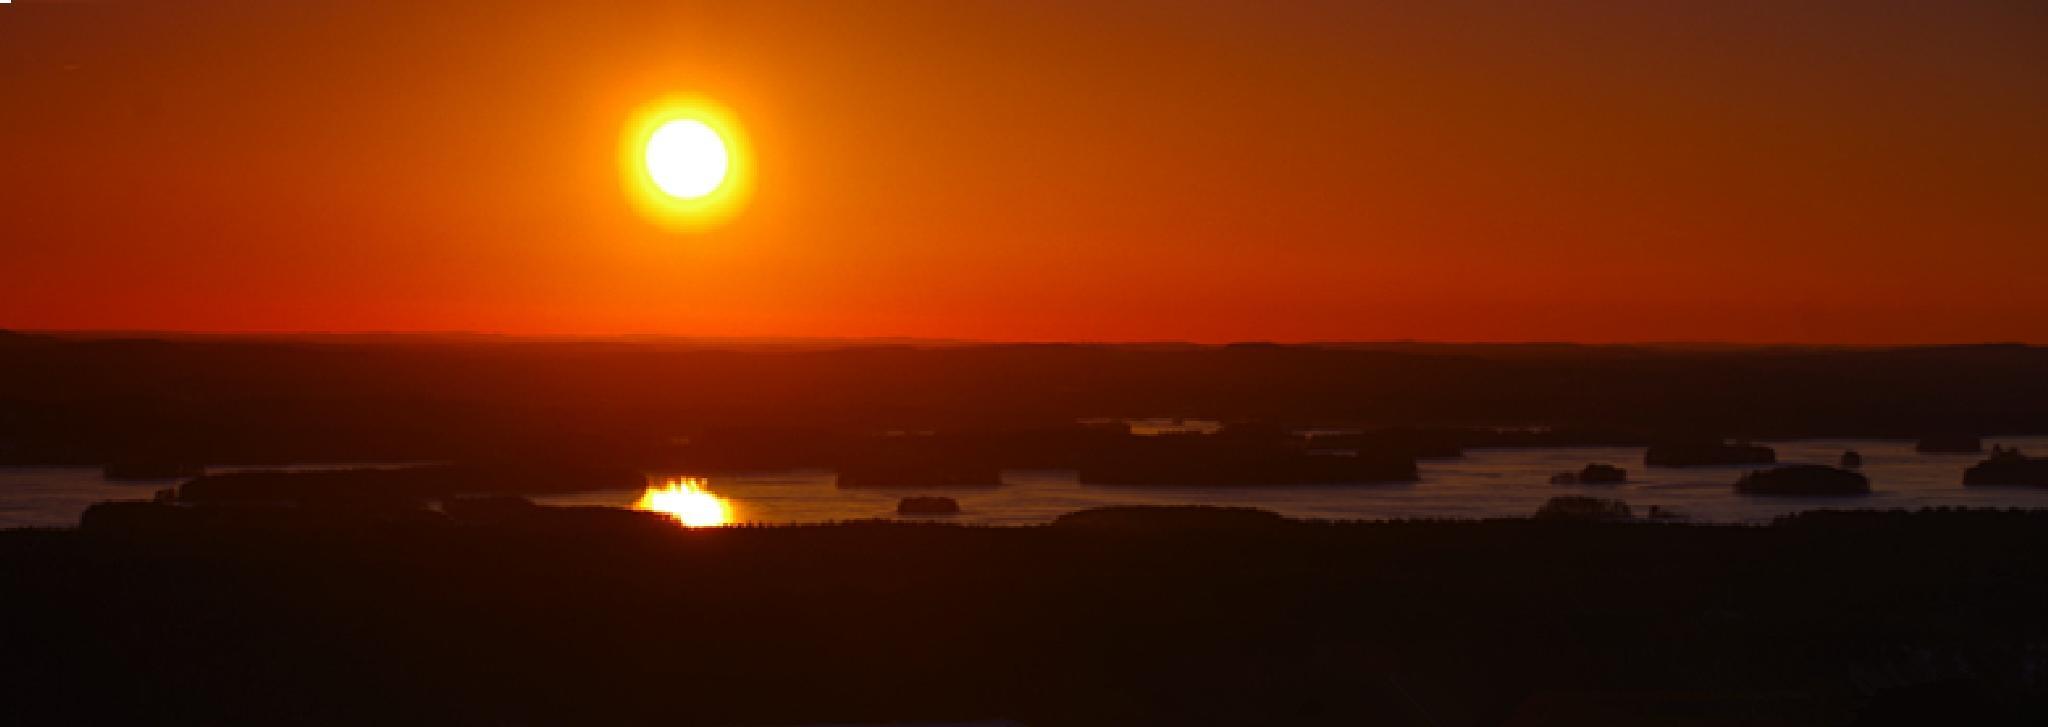 Sunset by Oscar H. L.